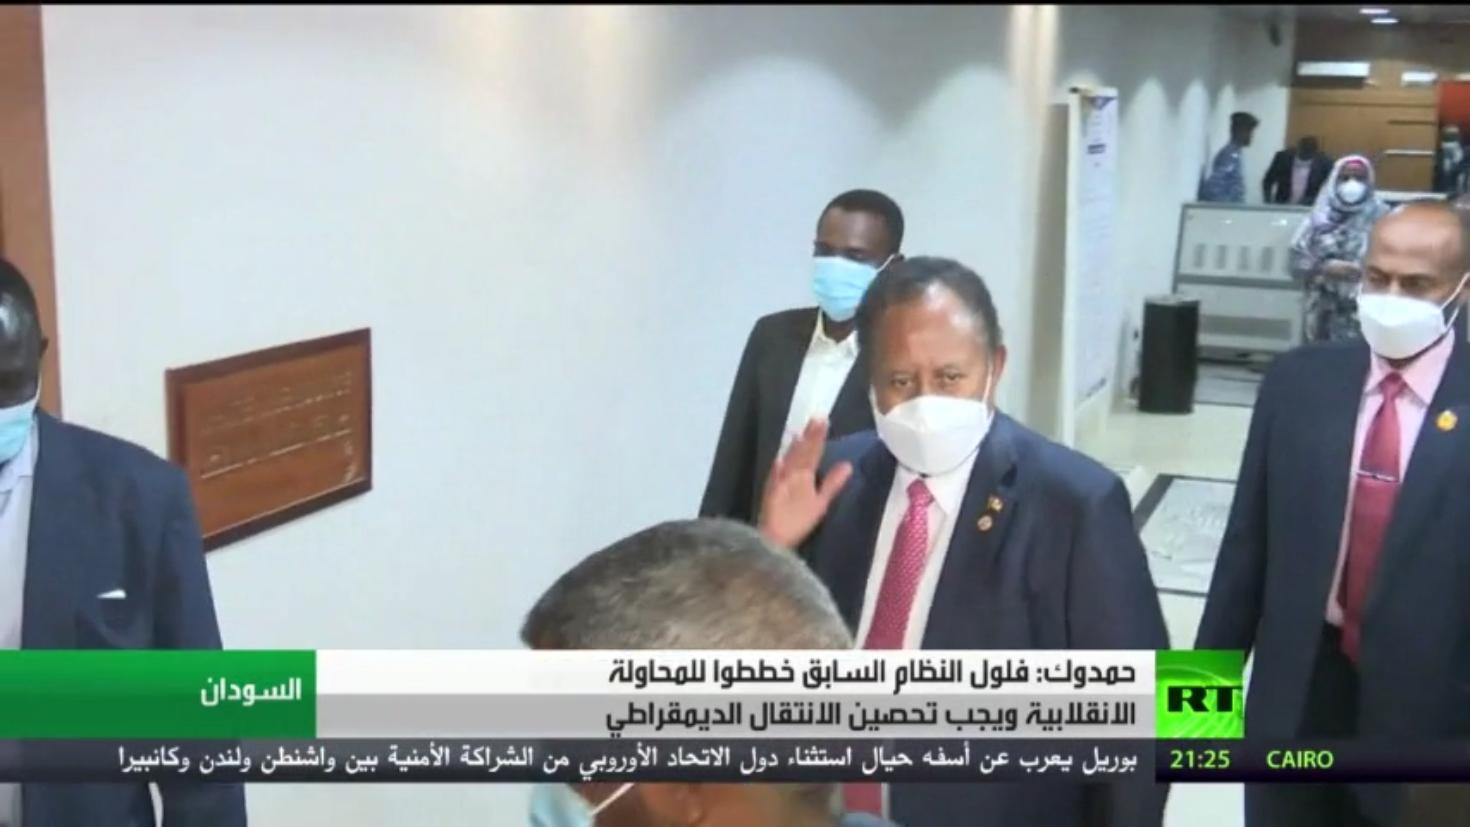 حمدوك: فلول النظام السابق خلف محاولة الانقلاب